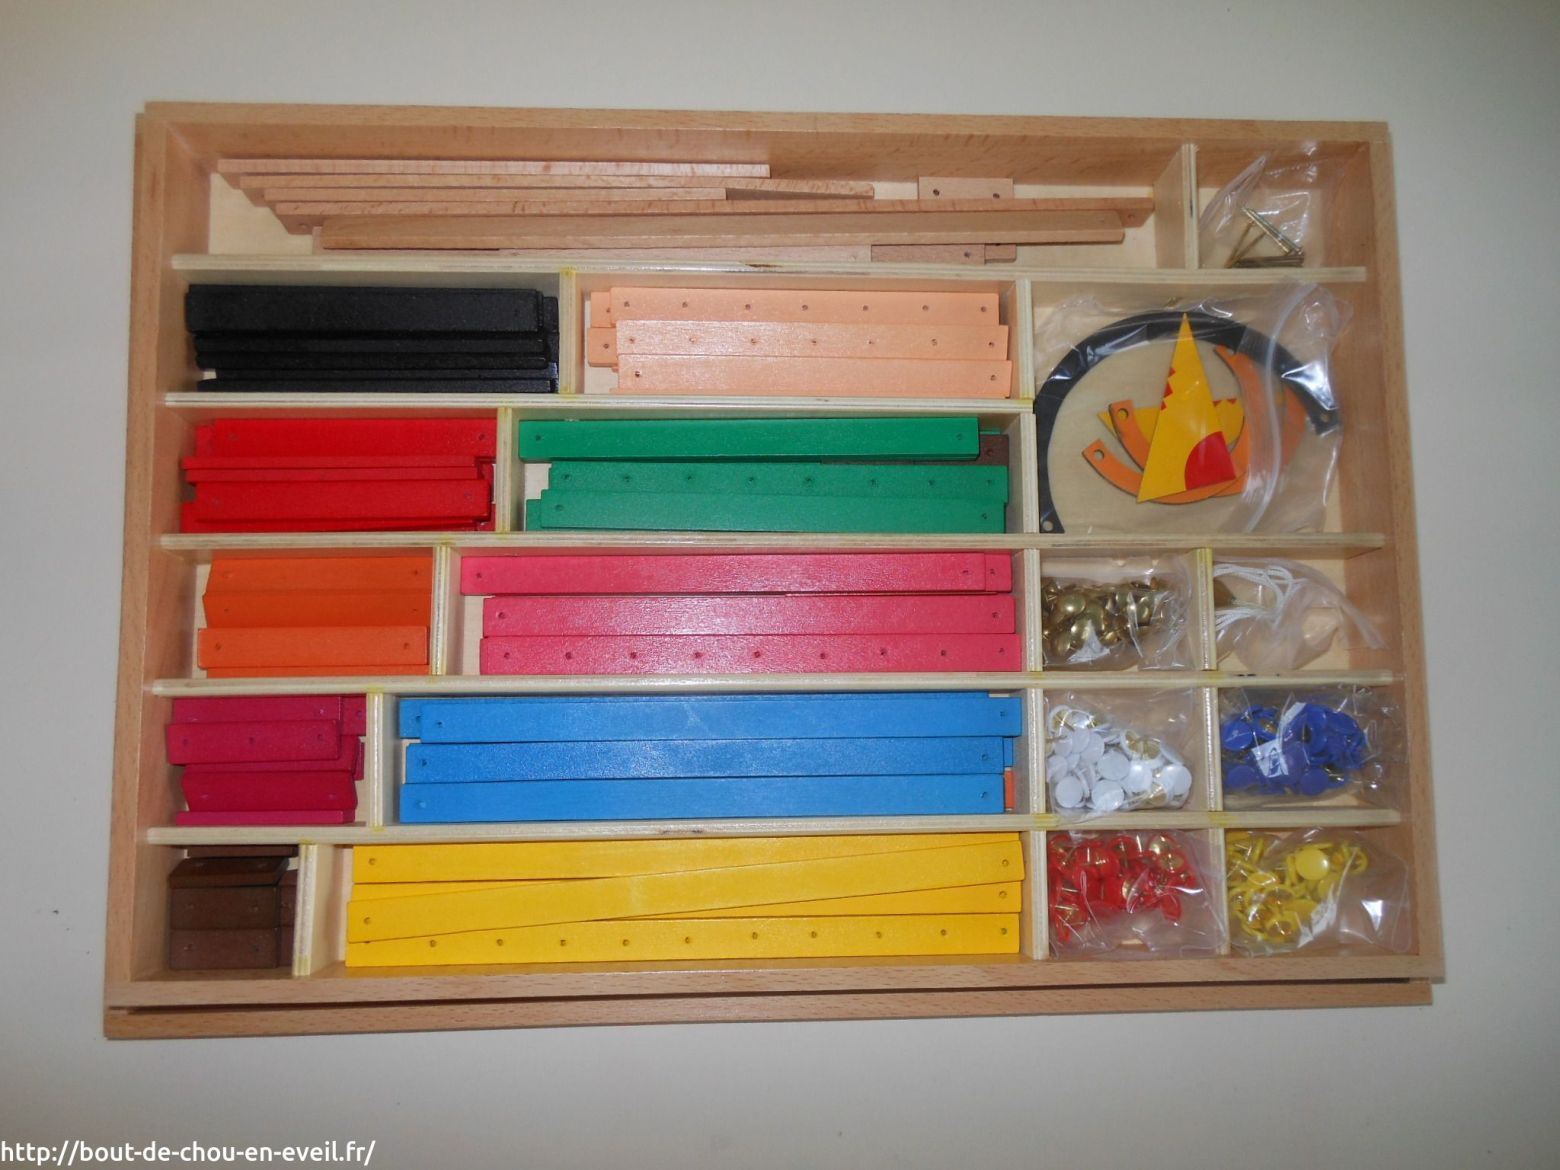 dans ma classe mat riel montessori en maths soutien scolaire montessori mat riel. Black Bedroom Furniture Sets. Home Design Ideas